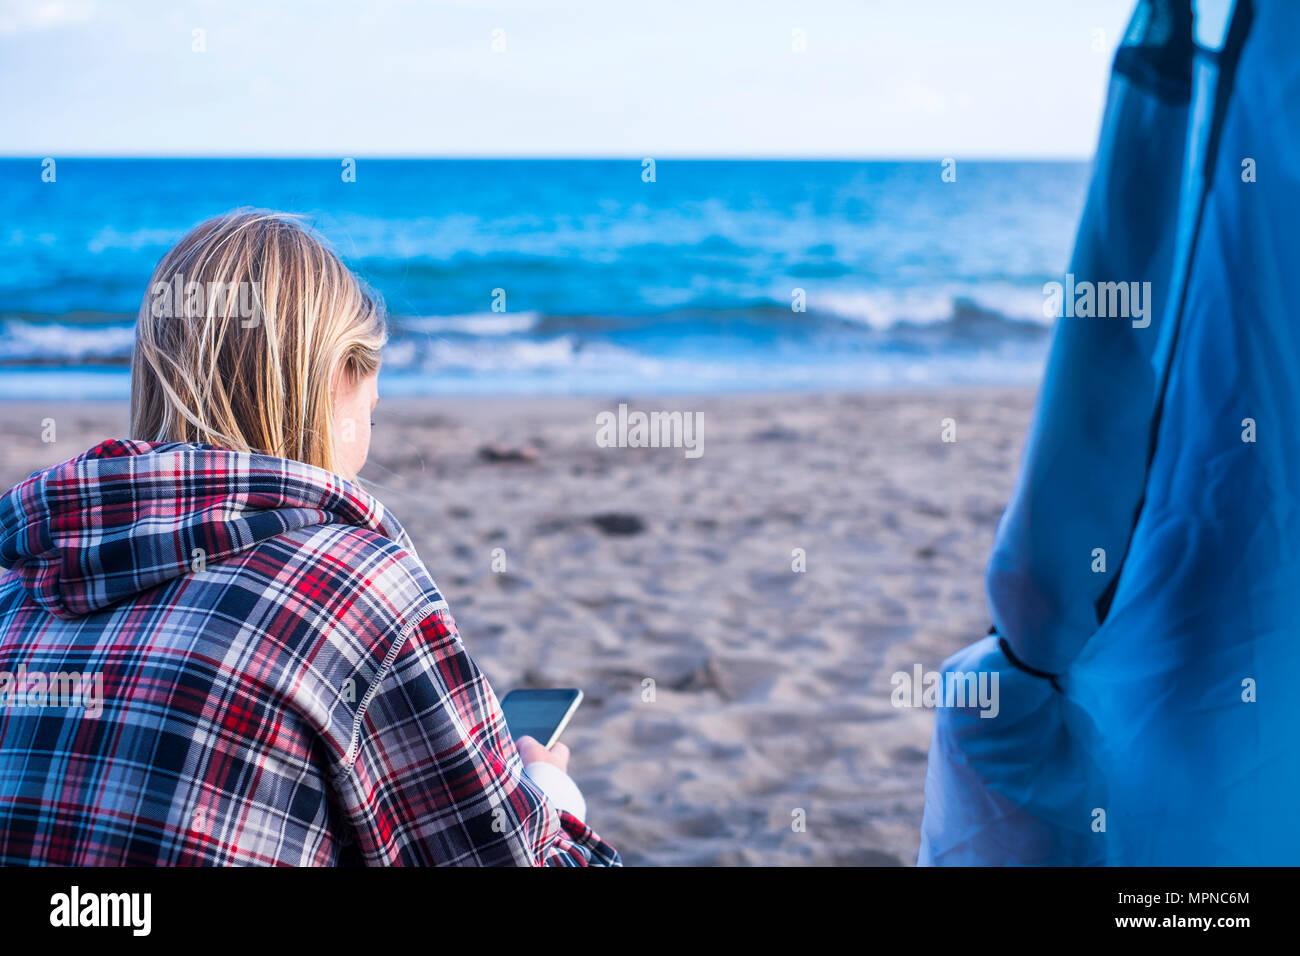 Bionda bella donna sedersi in primavera sulla spiaggia fuori della tenda in campeggio libero controllo del telefono di messaggi Immagini Stock